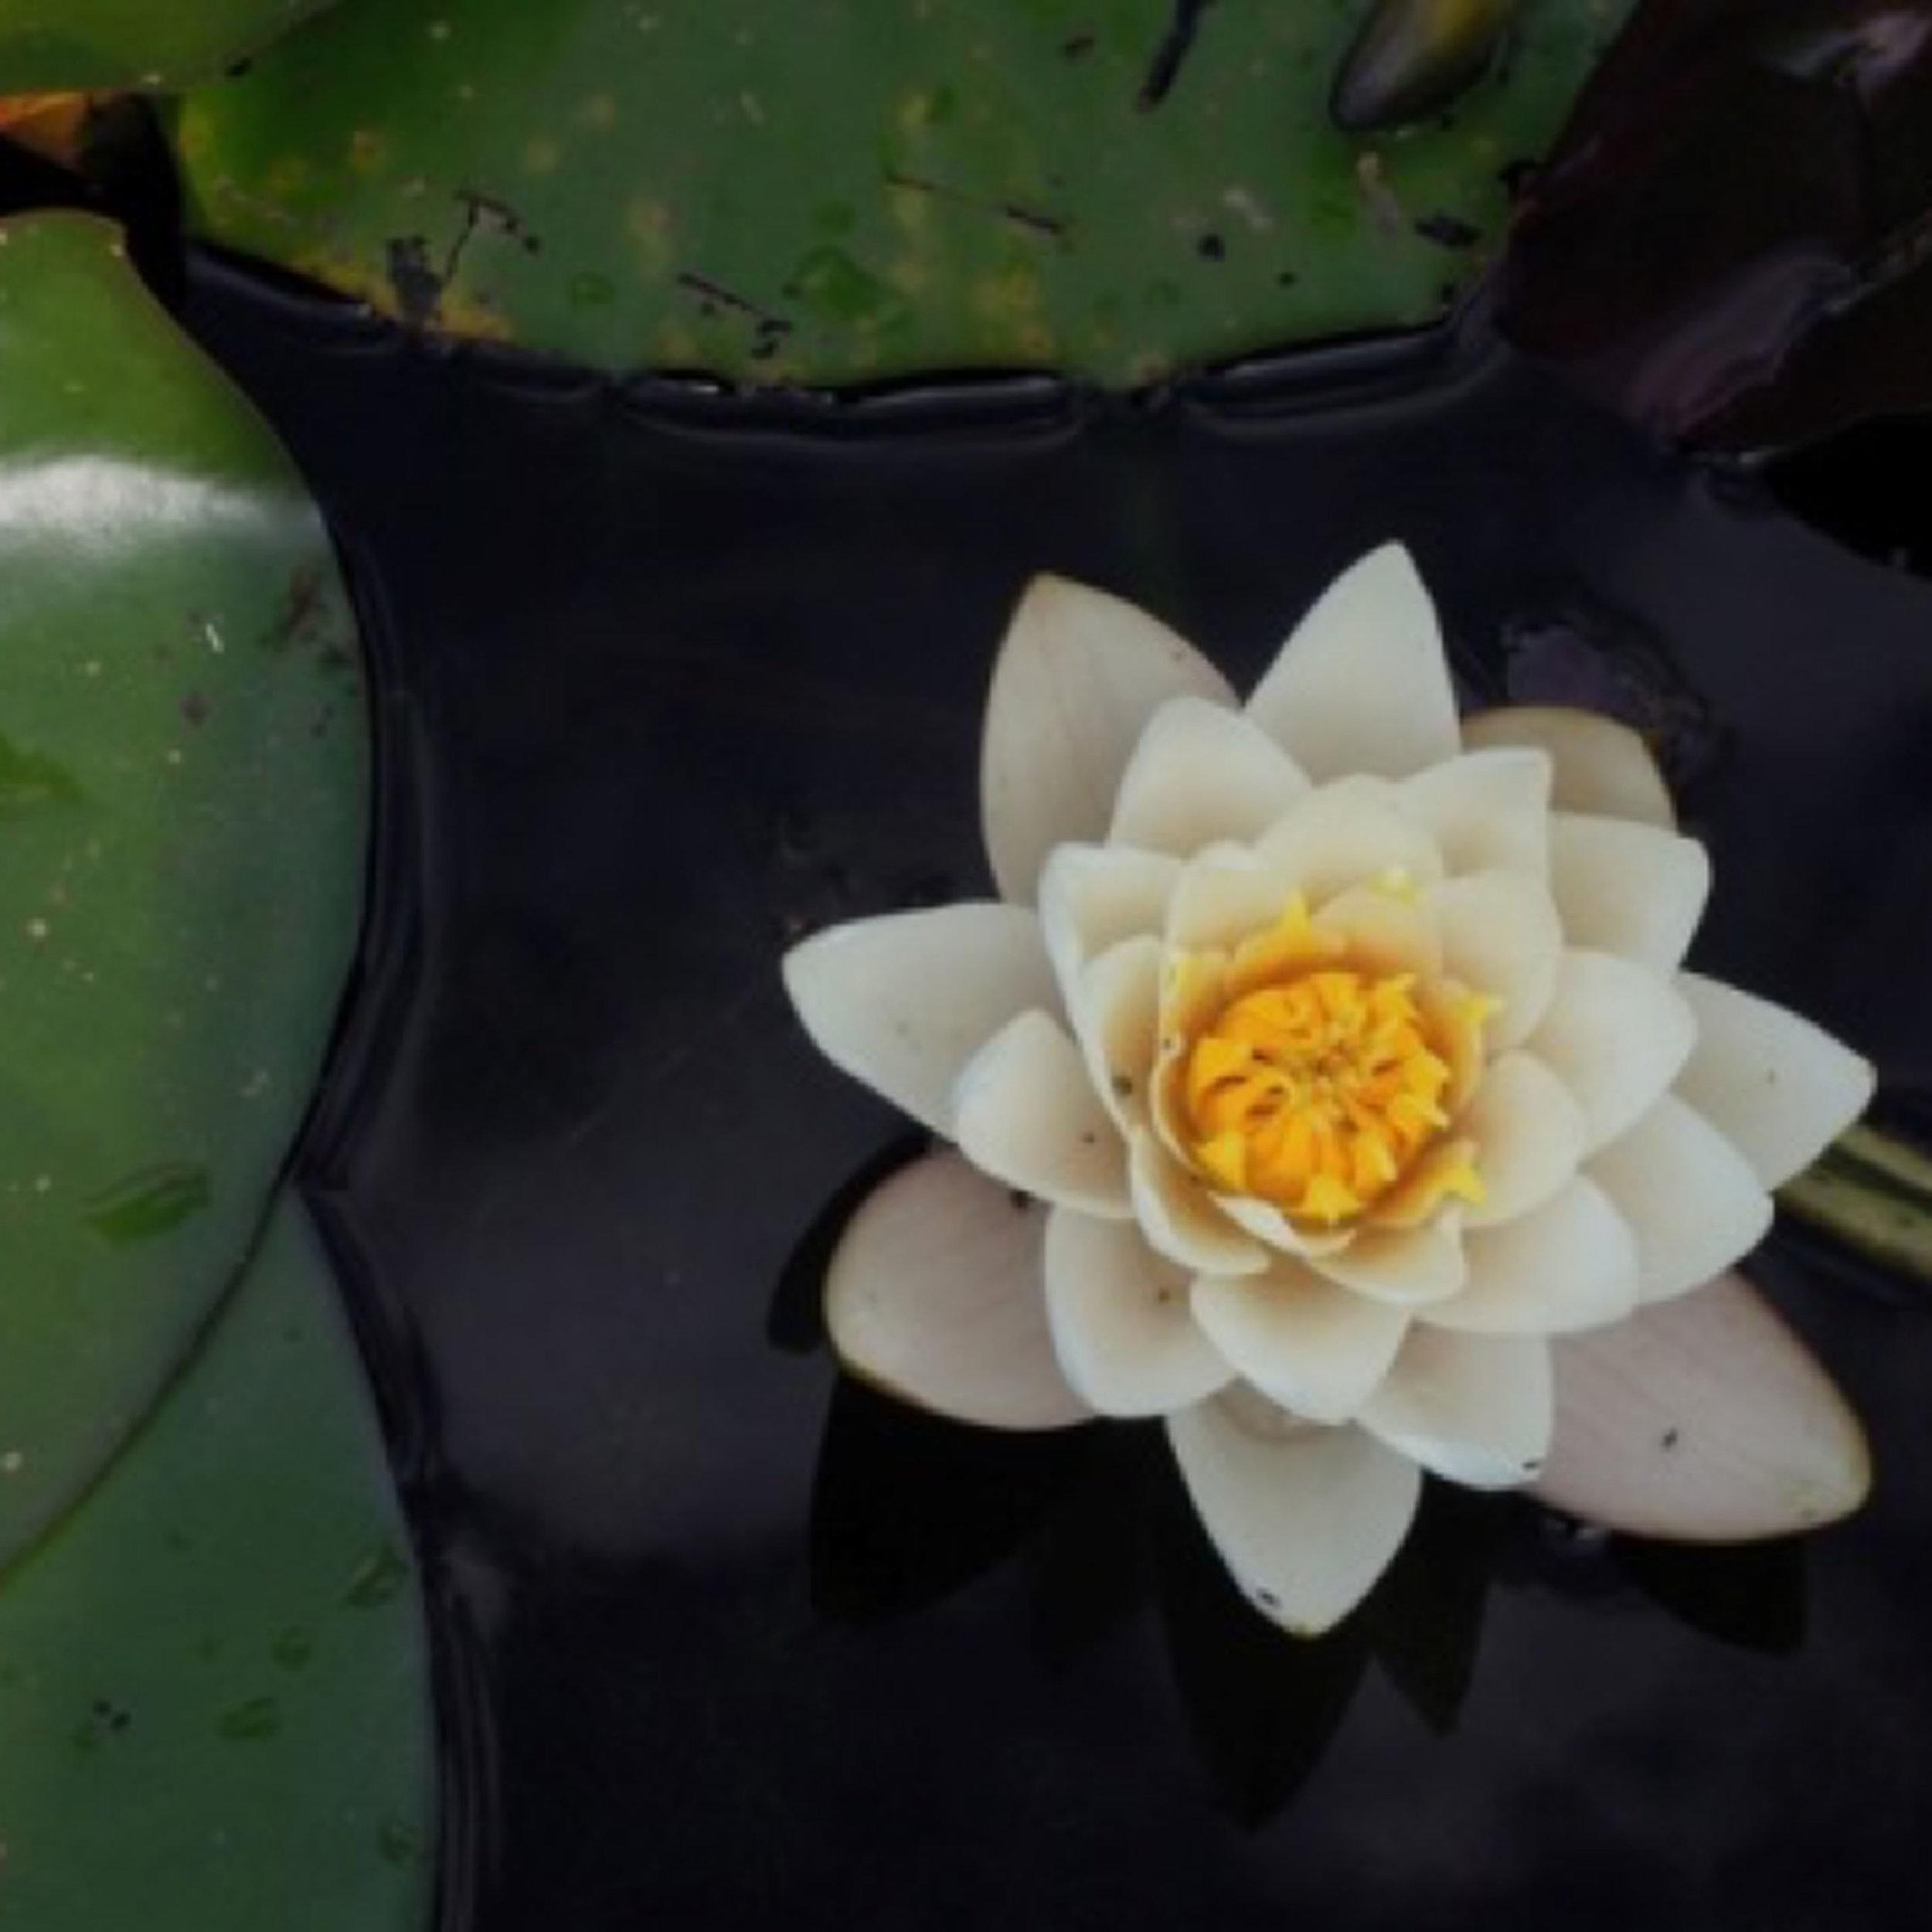 Flower-on-water.jpg